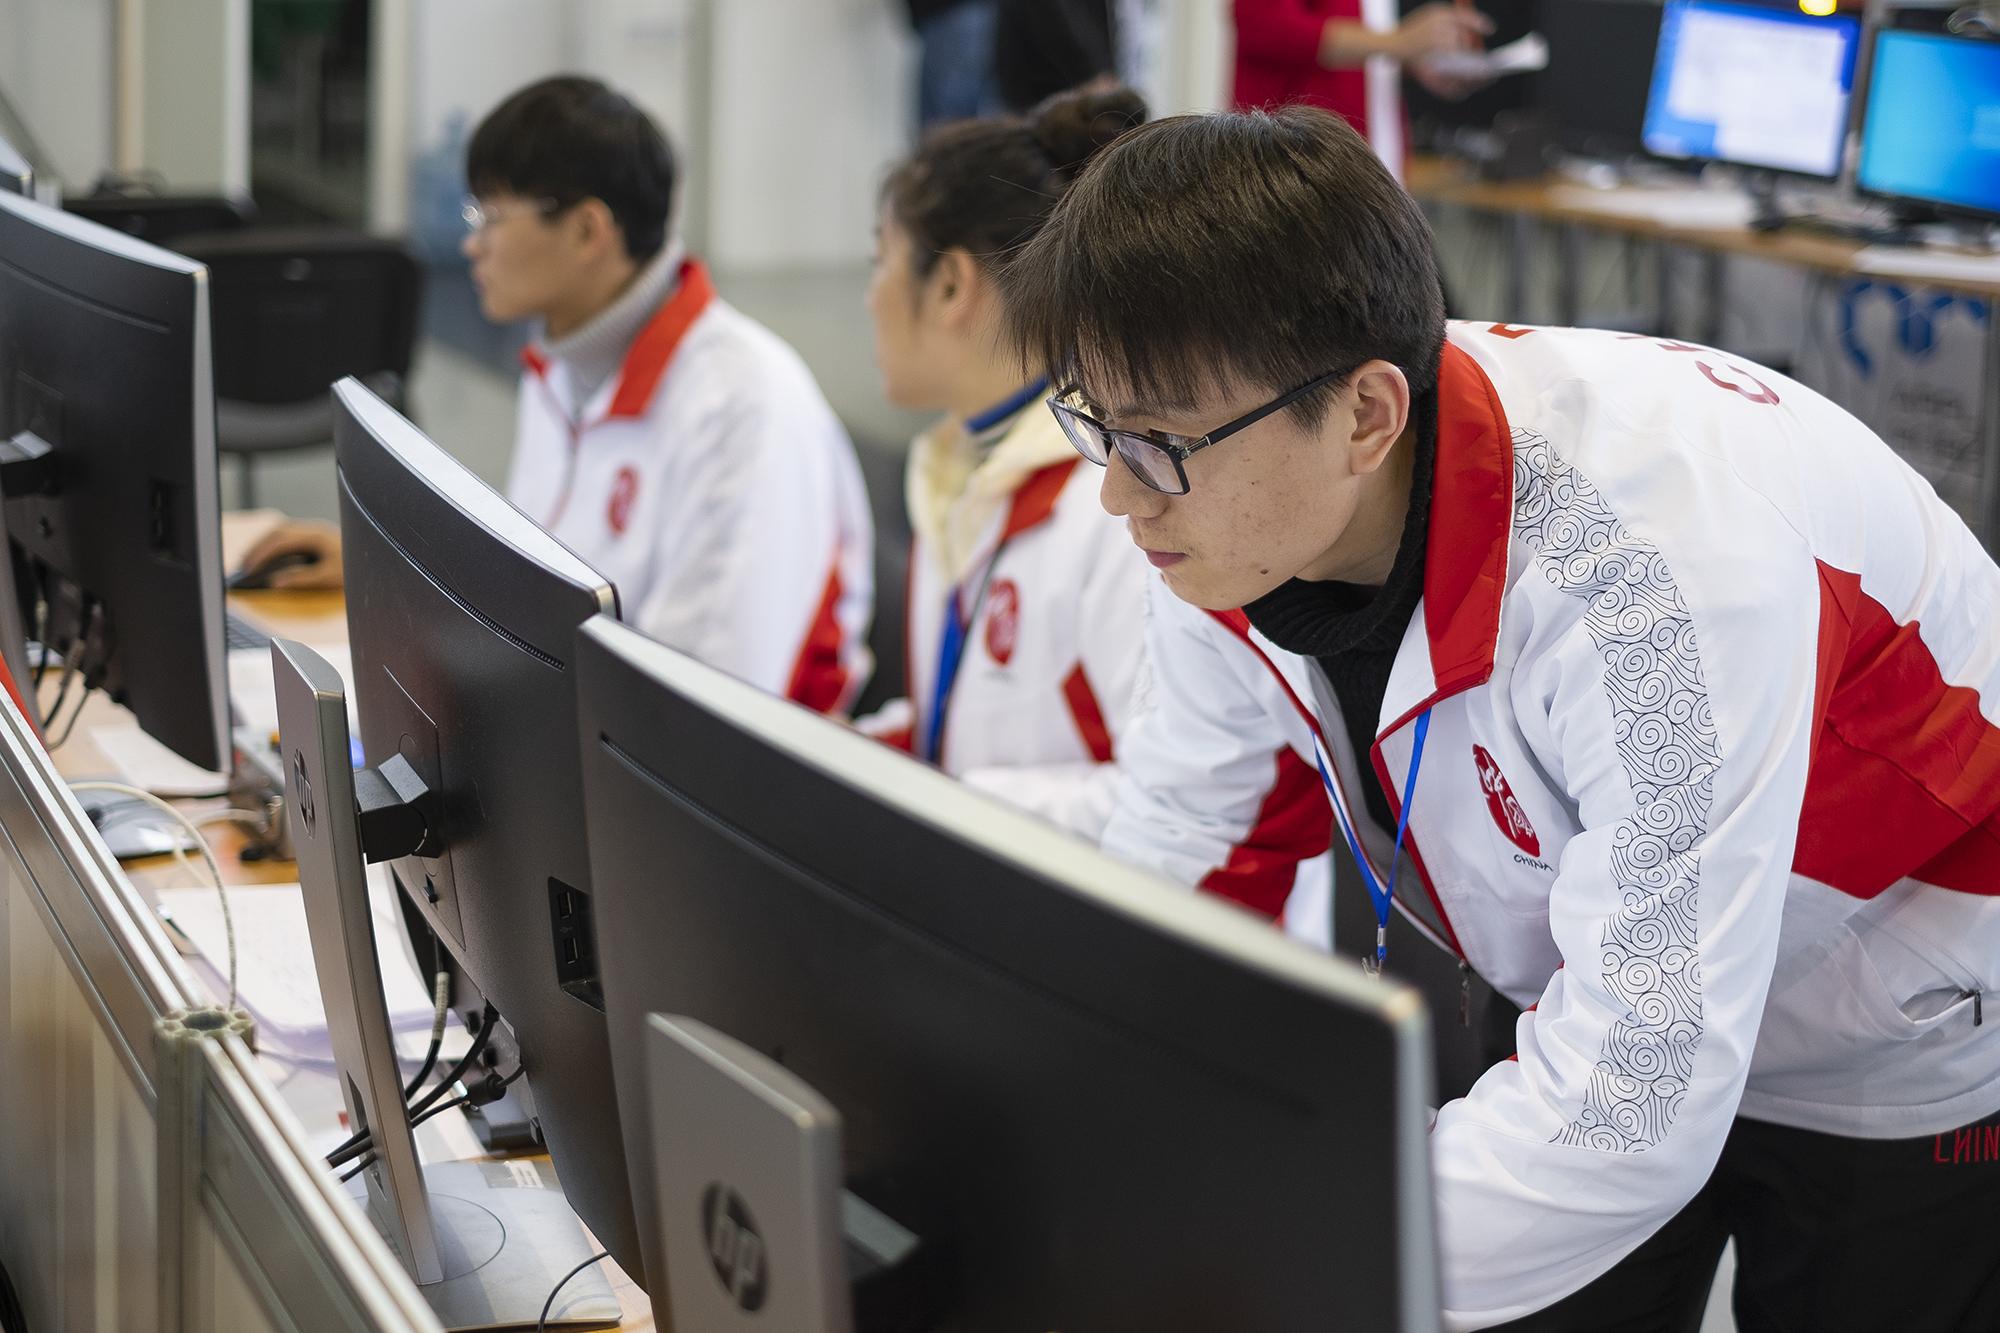 Смогут ли роботы заменить людей WorldSkills, которые, можно, возраста, людей, роботов, HITECH, профессионального, промышленности, роботы, команды, международных, стандартам, Навыки, только, который, среди, работы, чемпионата, которых